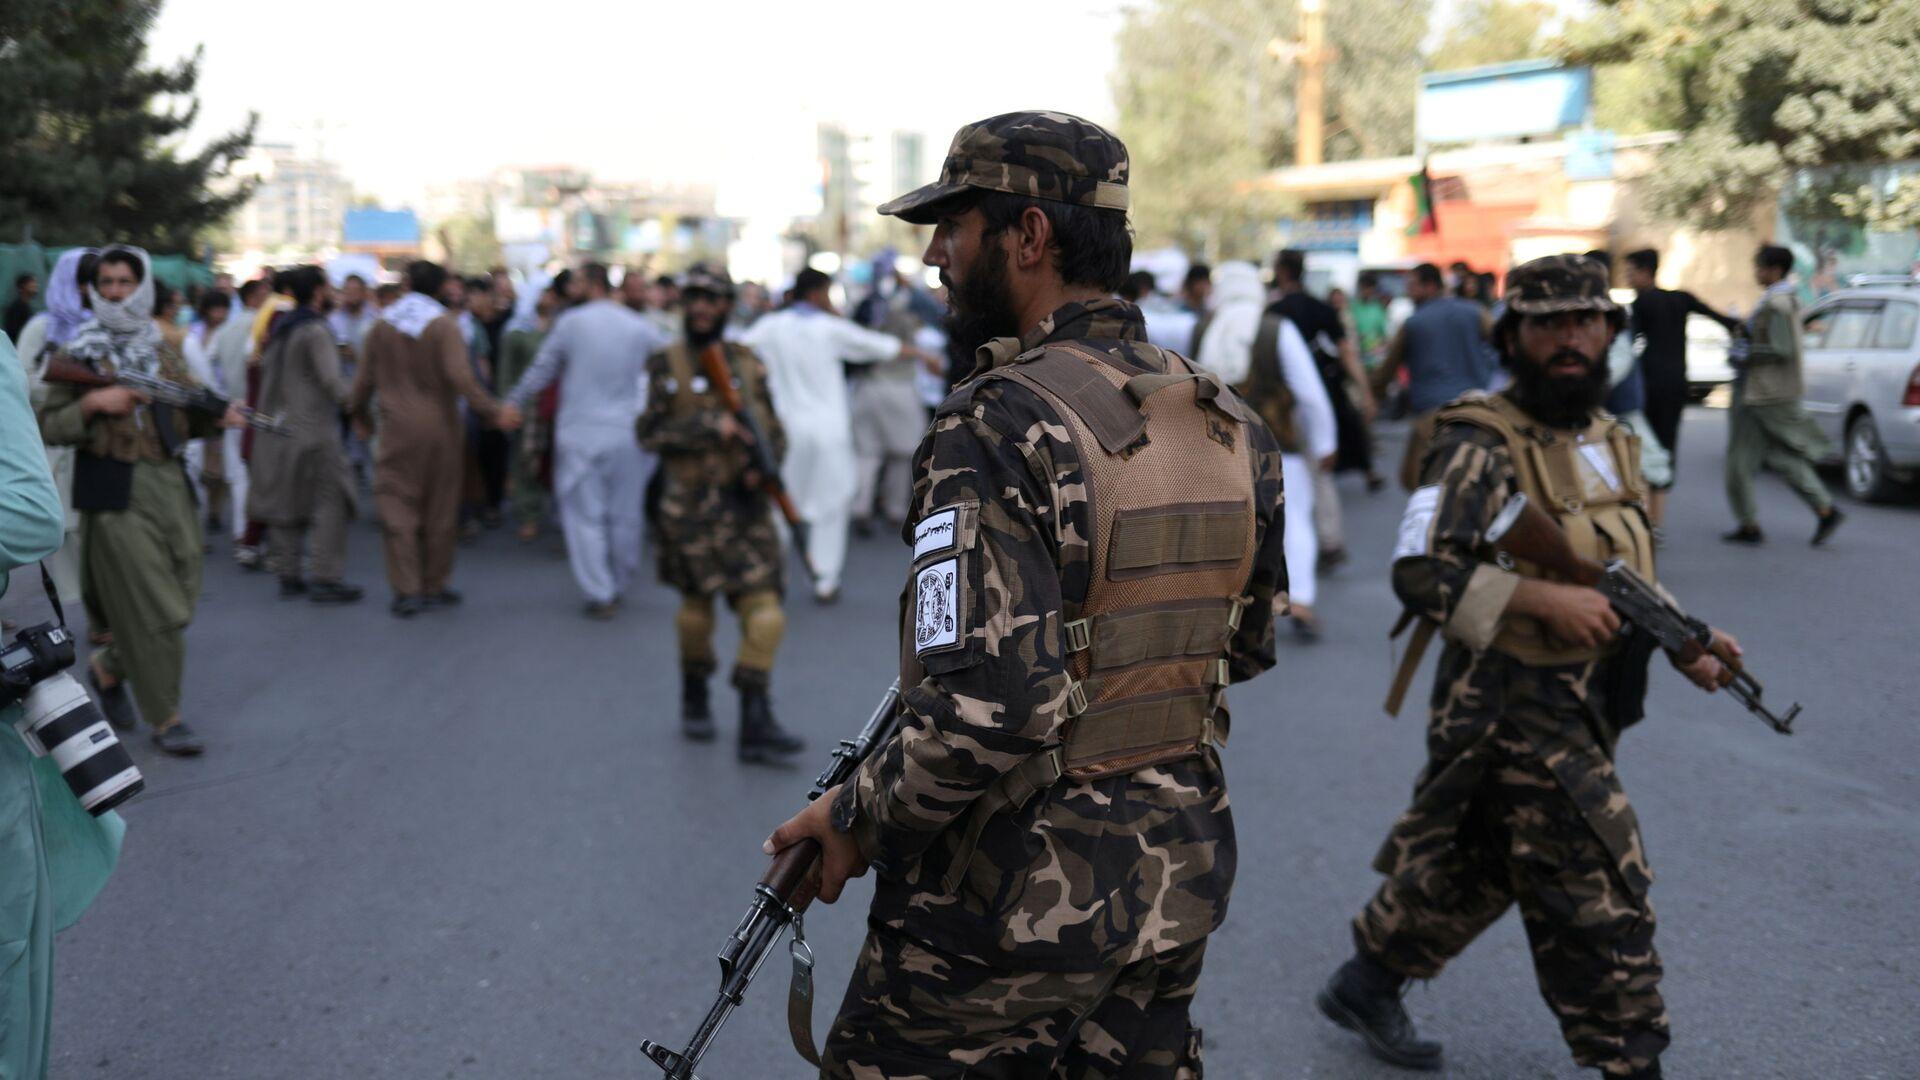 Żołnierze talibscy podczas protestu w Kabulu, Afganistan - Sputnik Polska, 1920, 10.09.2021